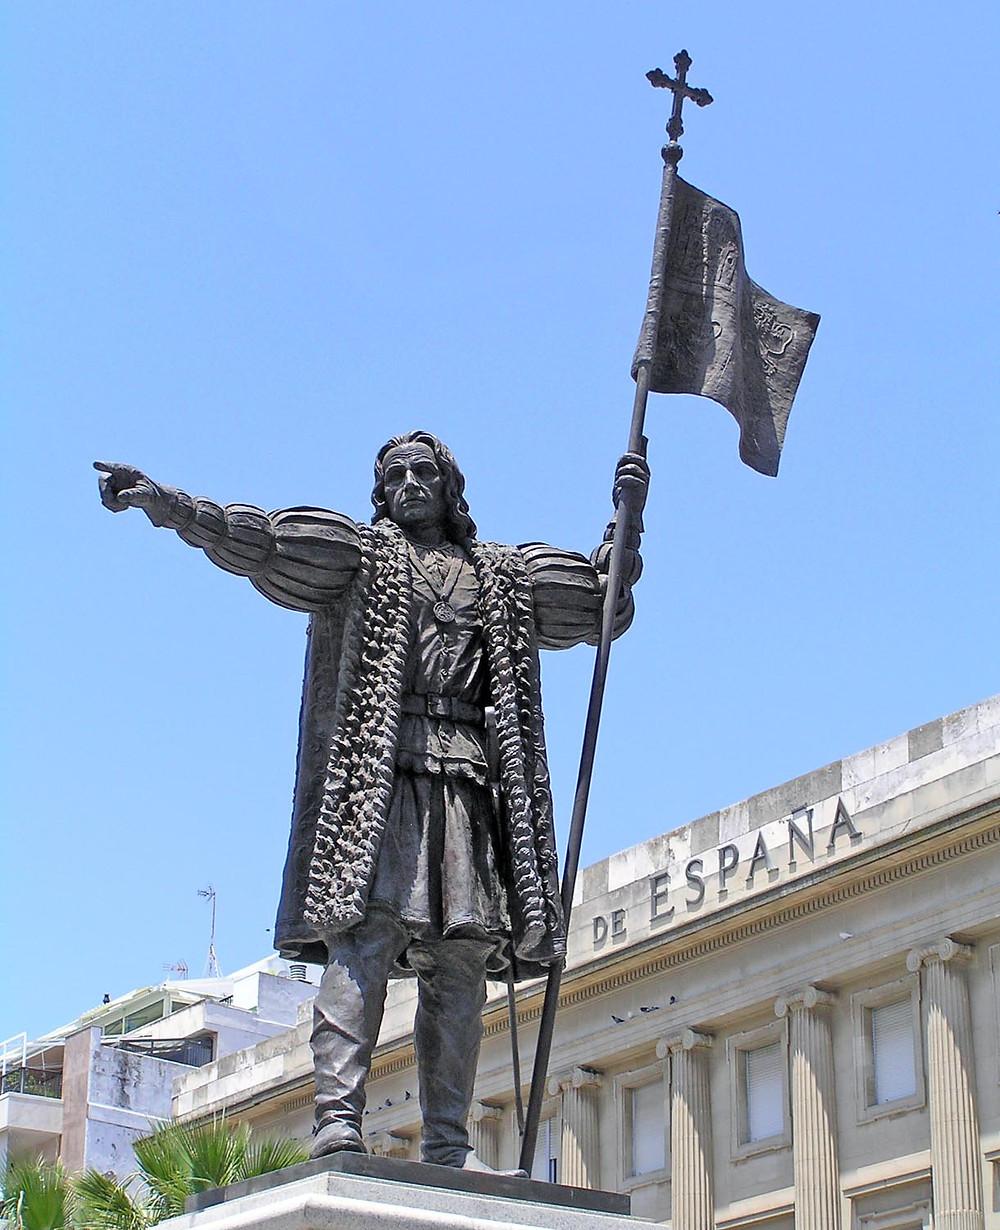 Estatua de Cristóbal Colón huelva